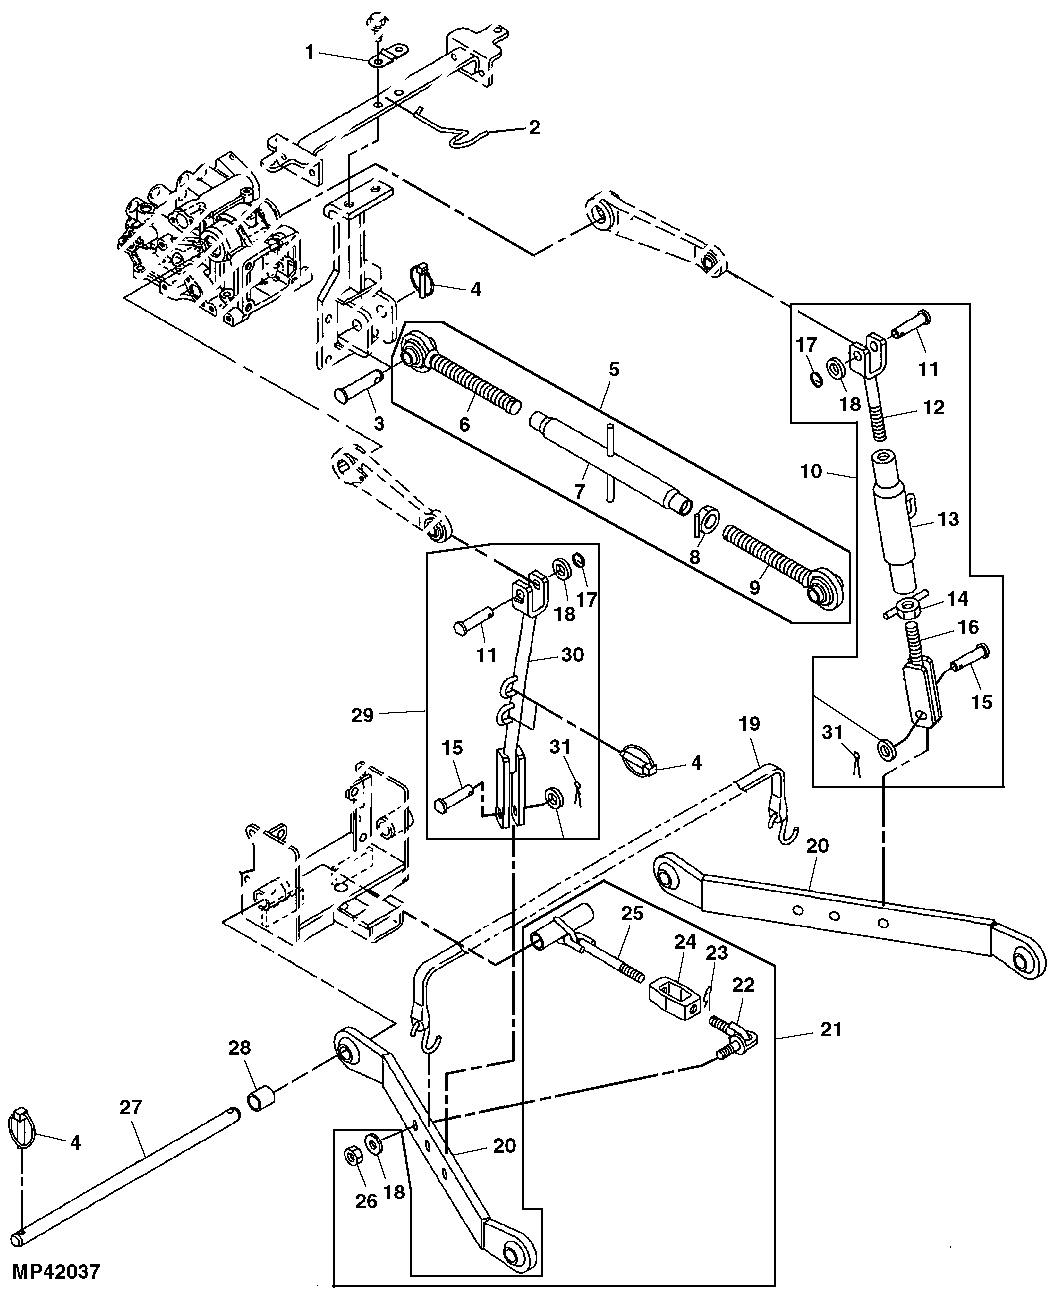 John Deere Fuse Box Diagram